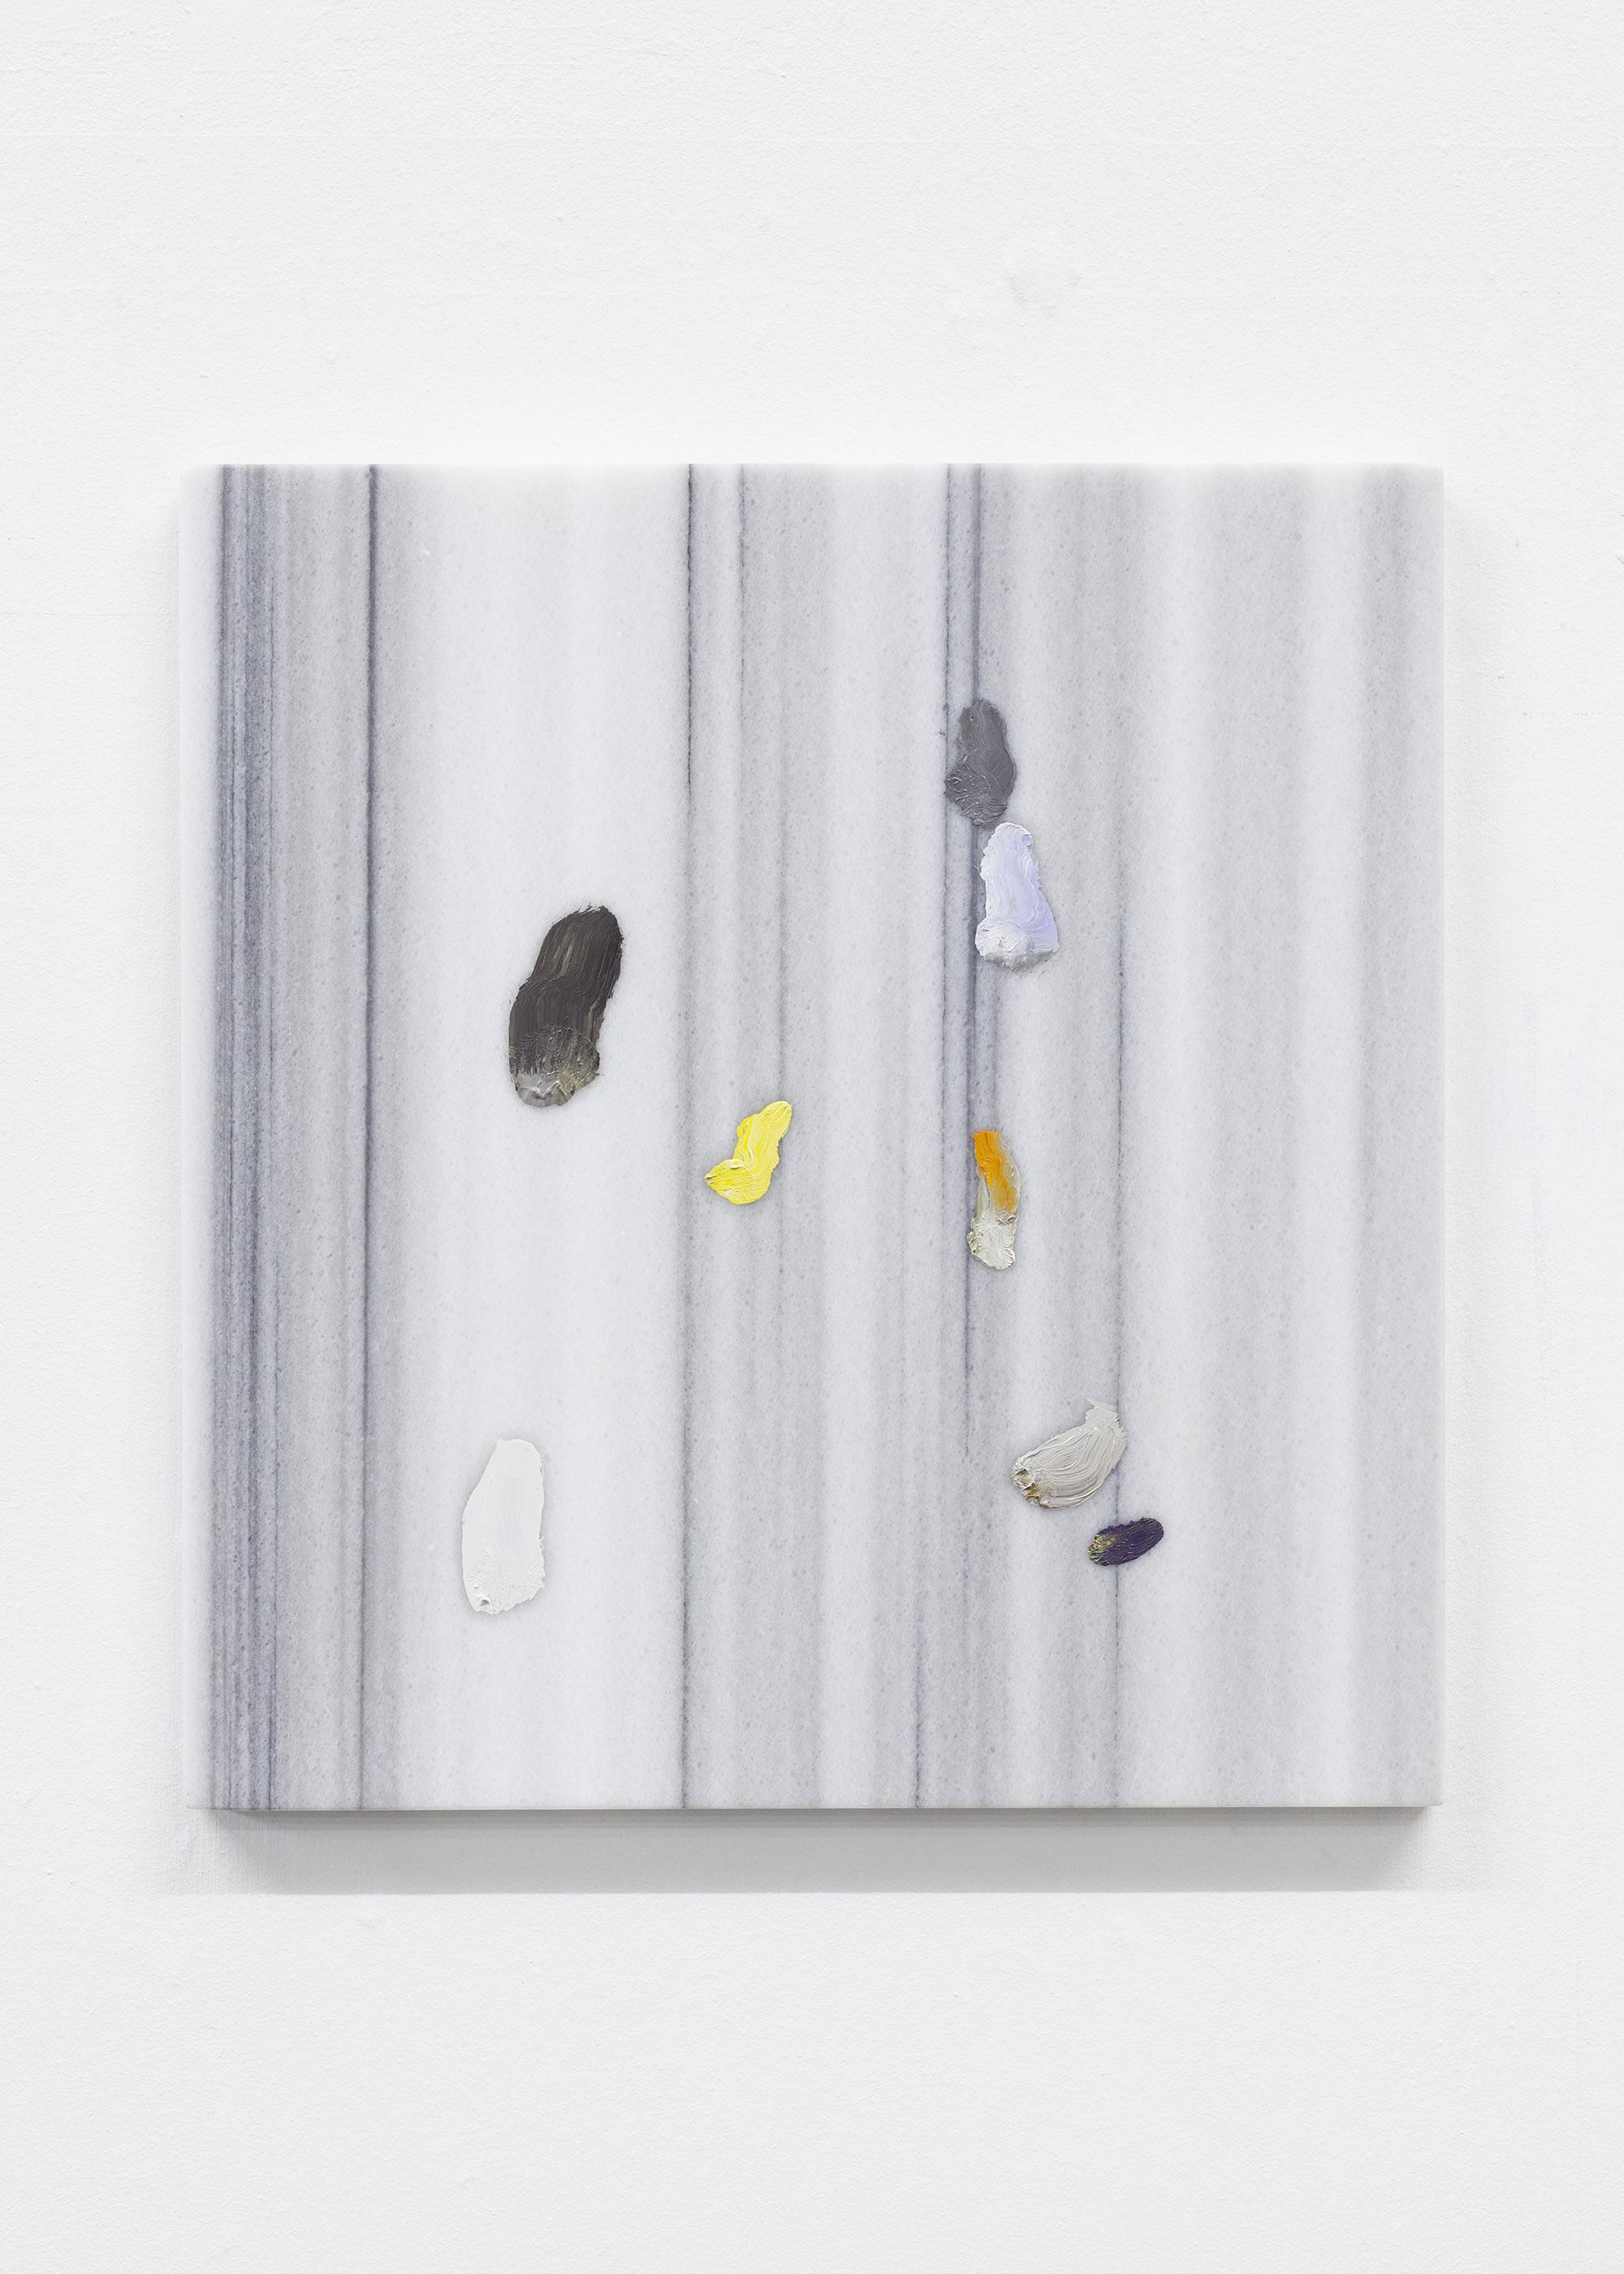 12 - Pieter Vermeersch at Carl Freedman Gallery London